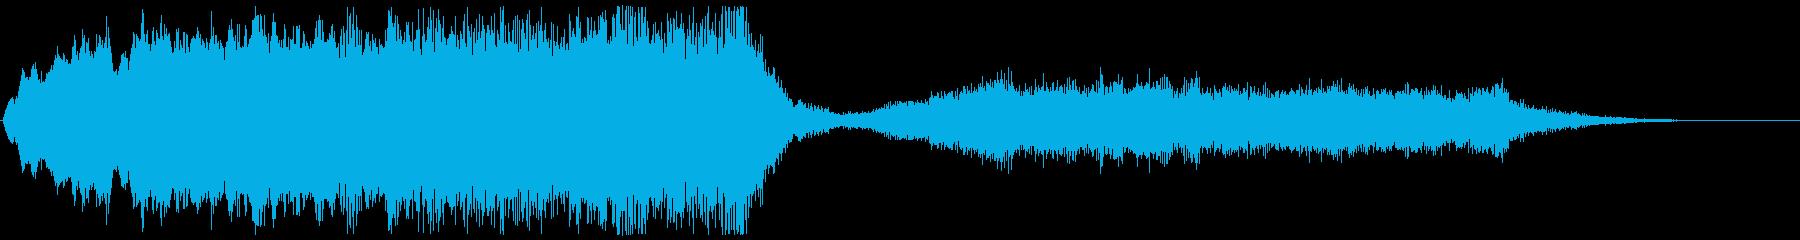 ストリングスの不協和音のジングル ホラーの再生済みの波形